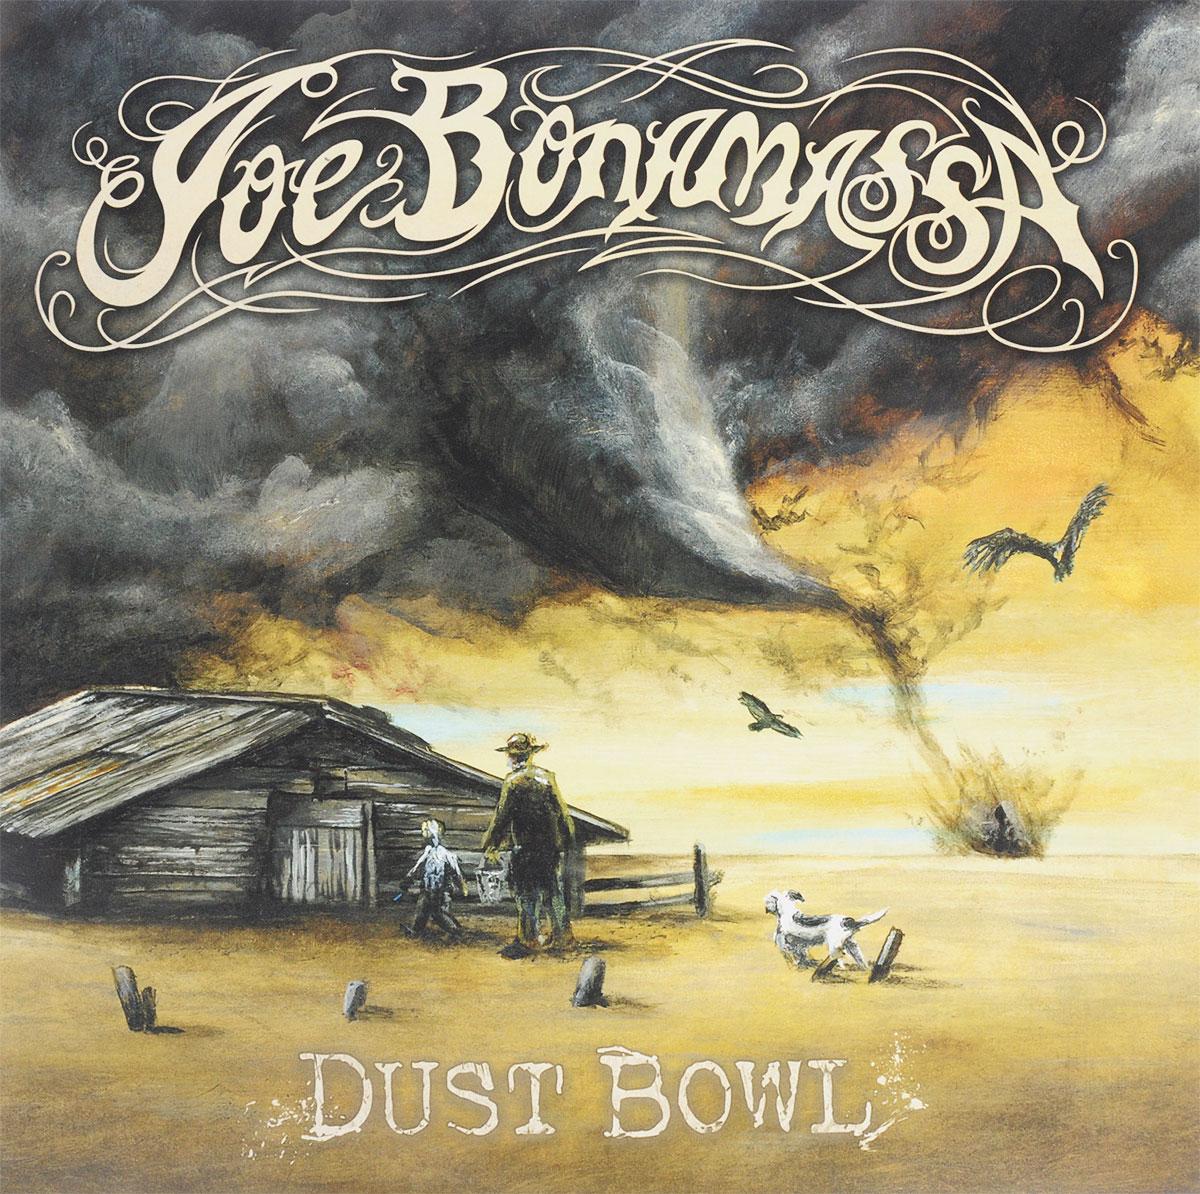 цена на Джон Хиэтт,Гленн Хьюз,Винс Гилл,Джо Бонамасса Joe Bonamassa. Dust Bowl (LP)